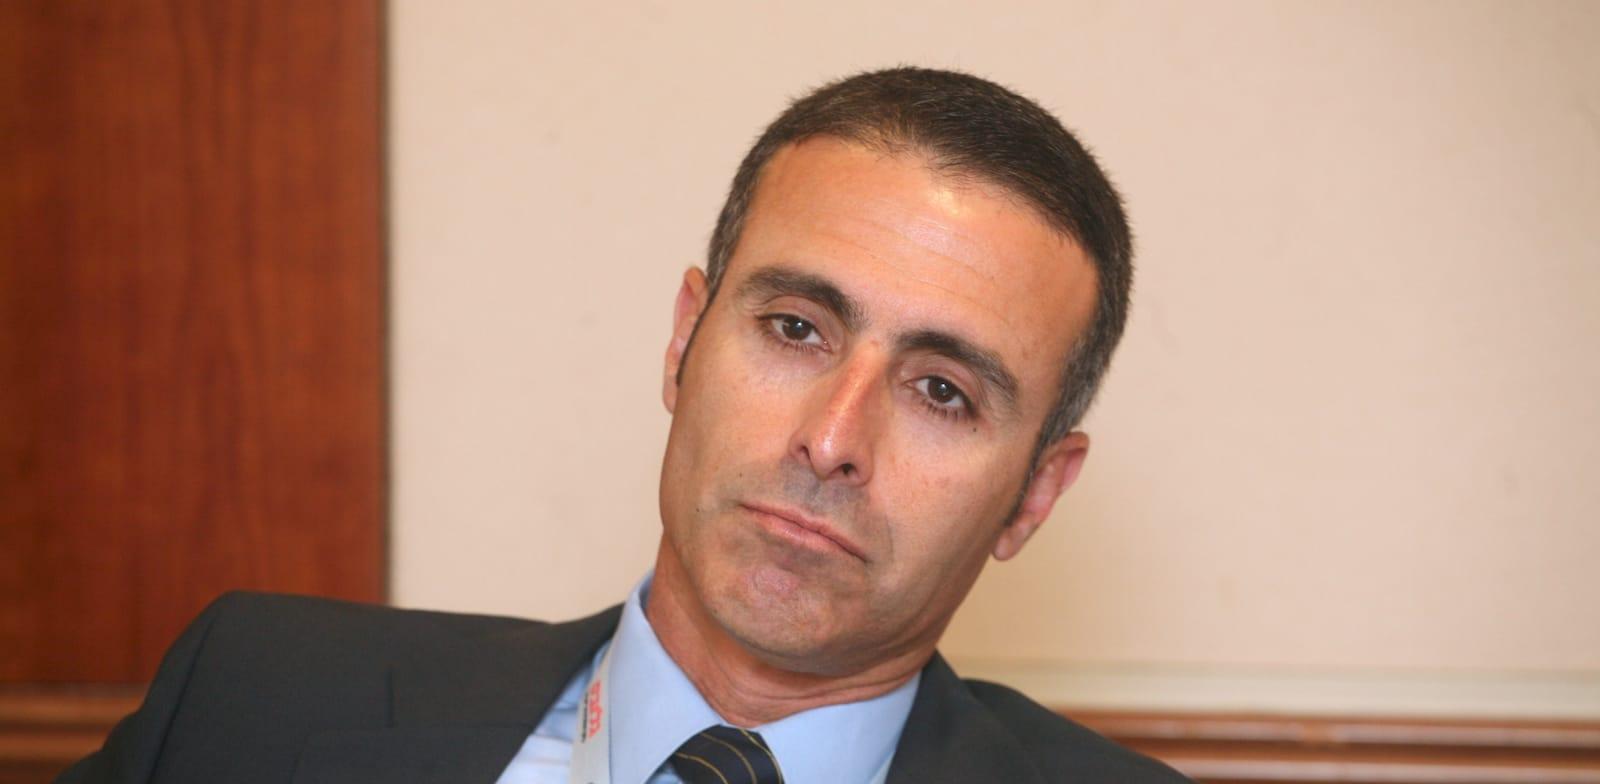 """יהודה בן אסאייג, מנכ""""ל מנורה מבטחים ביטוח / צילום: עינת לברון"""